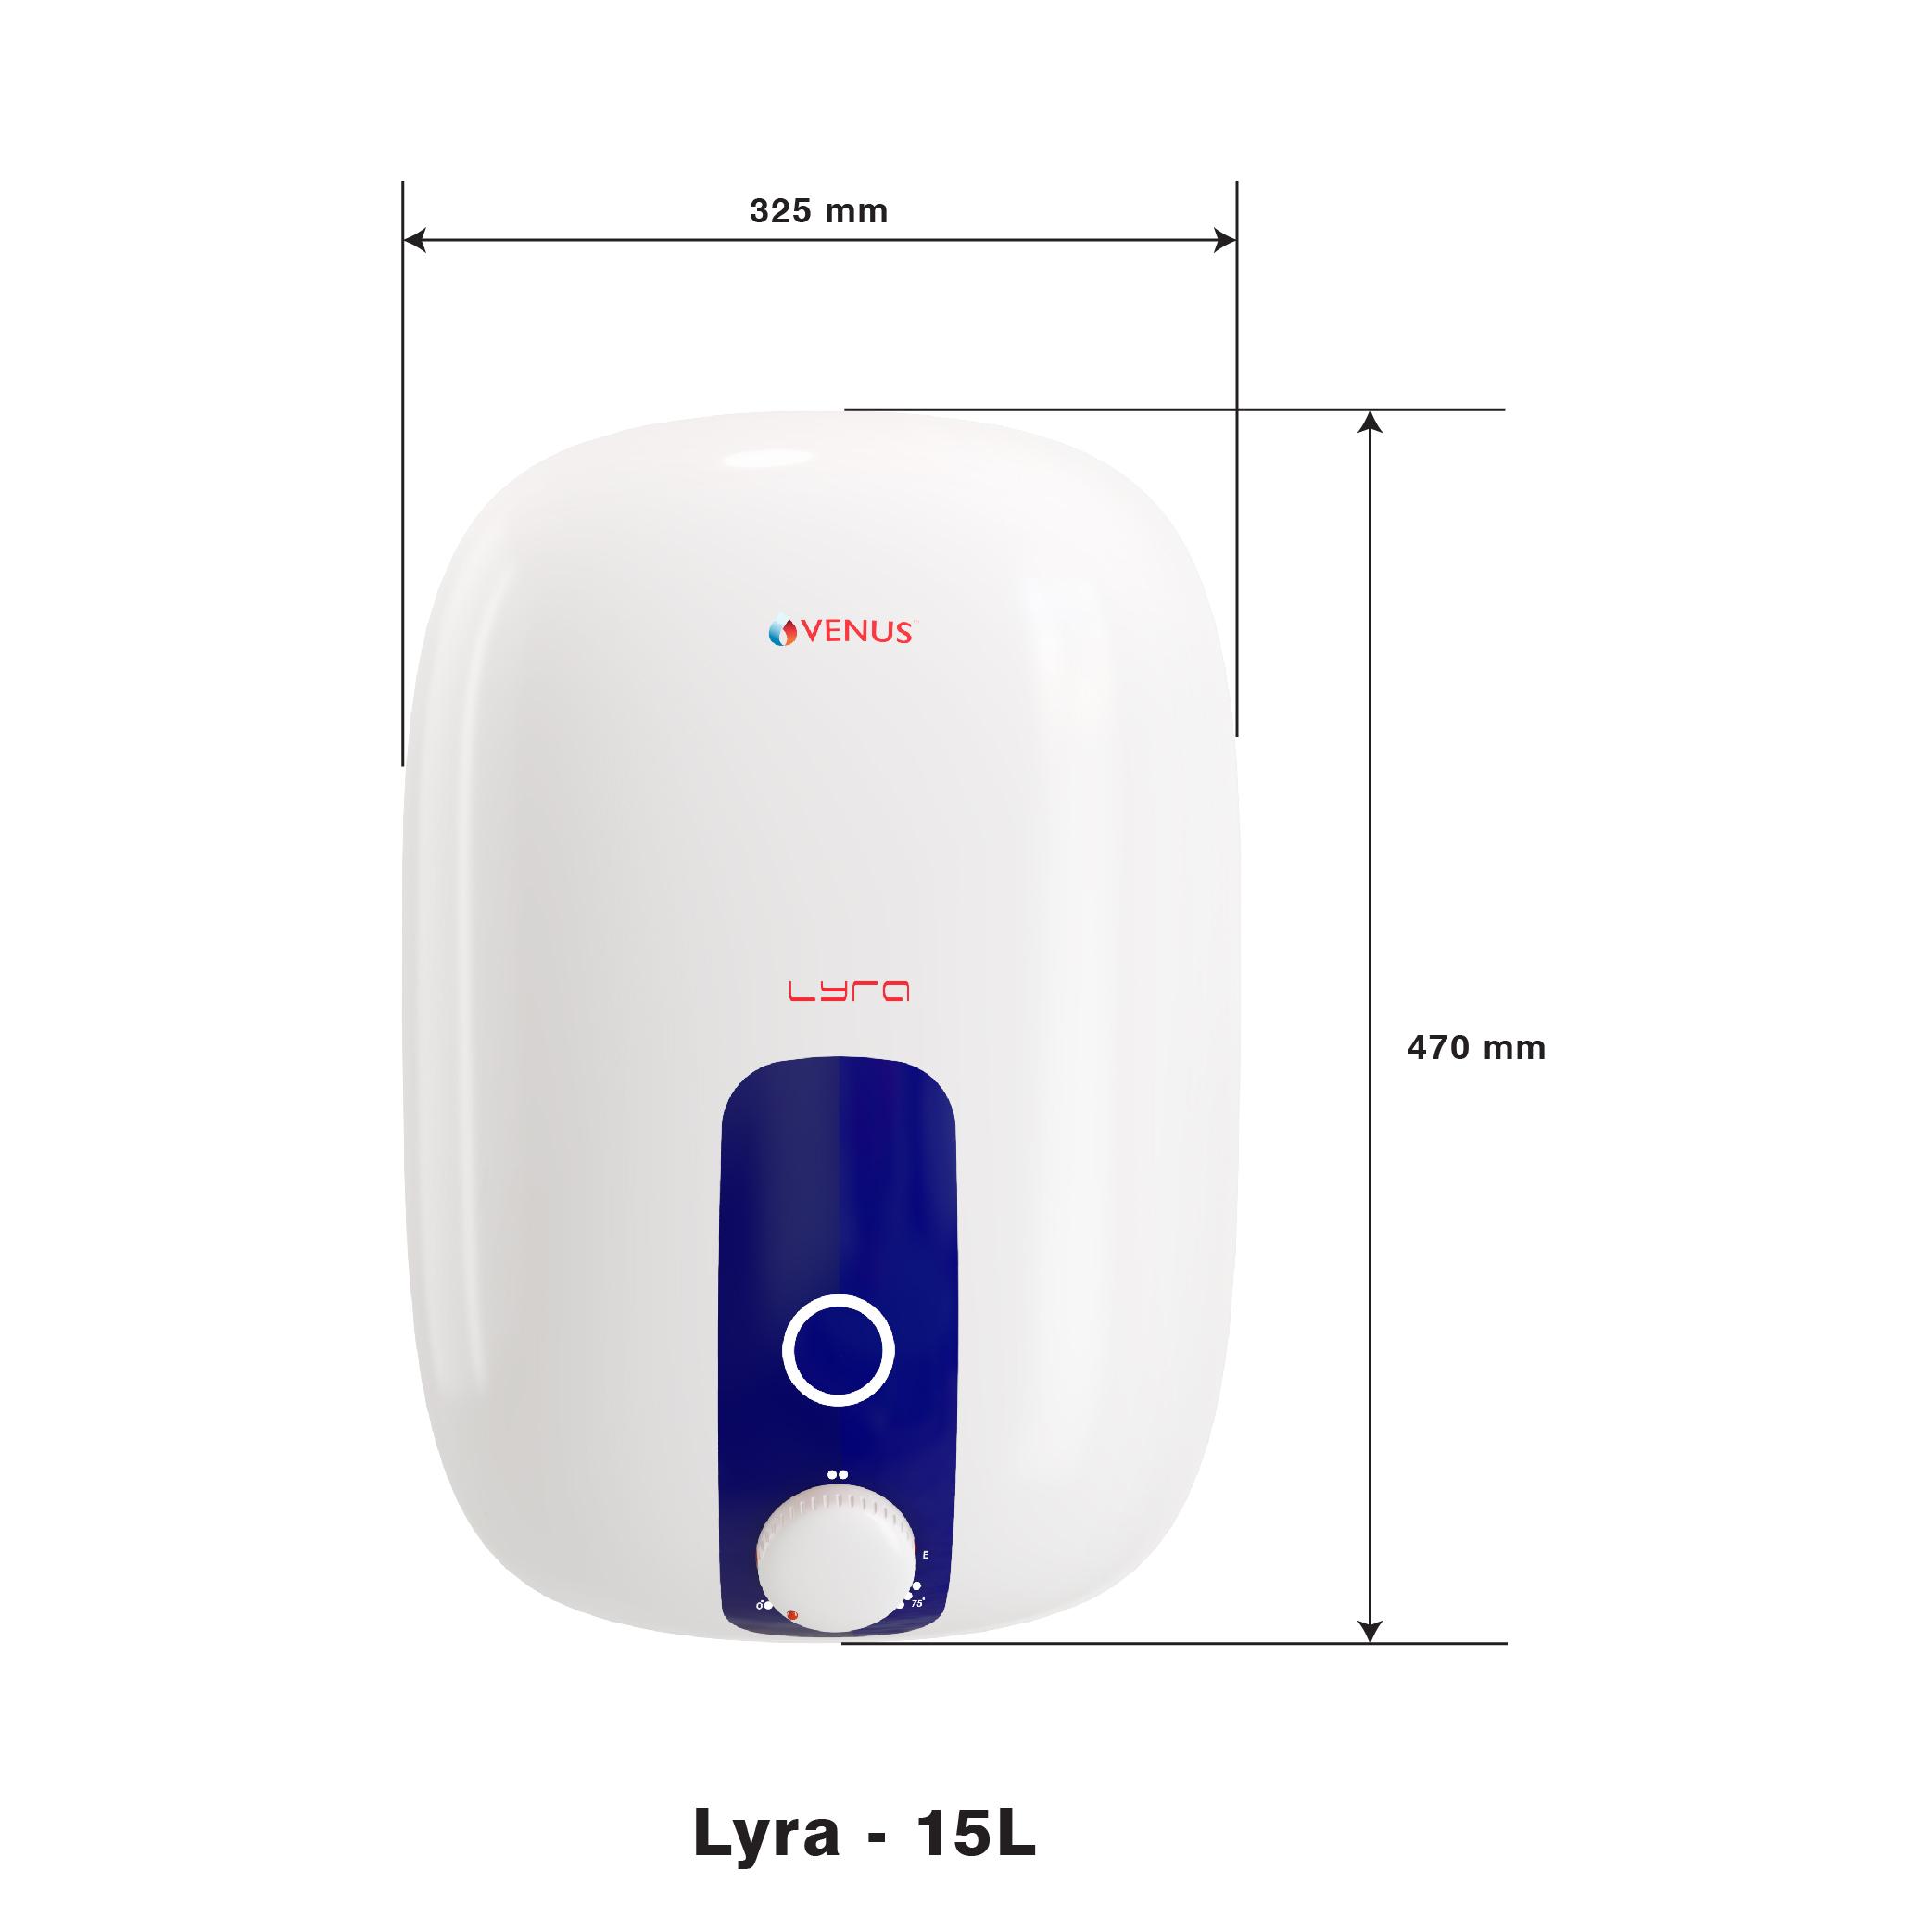 Lyra - 15